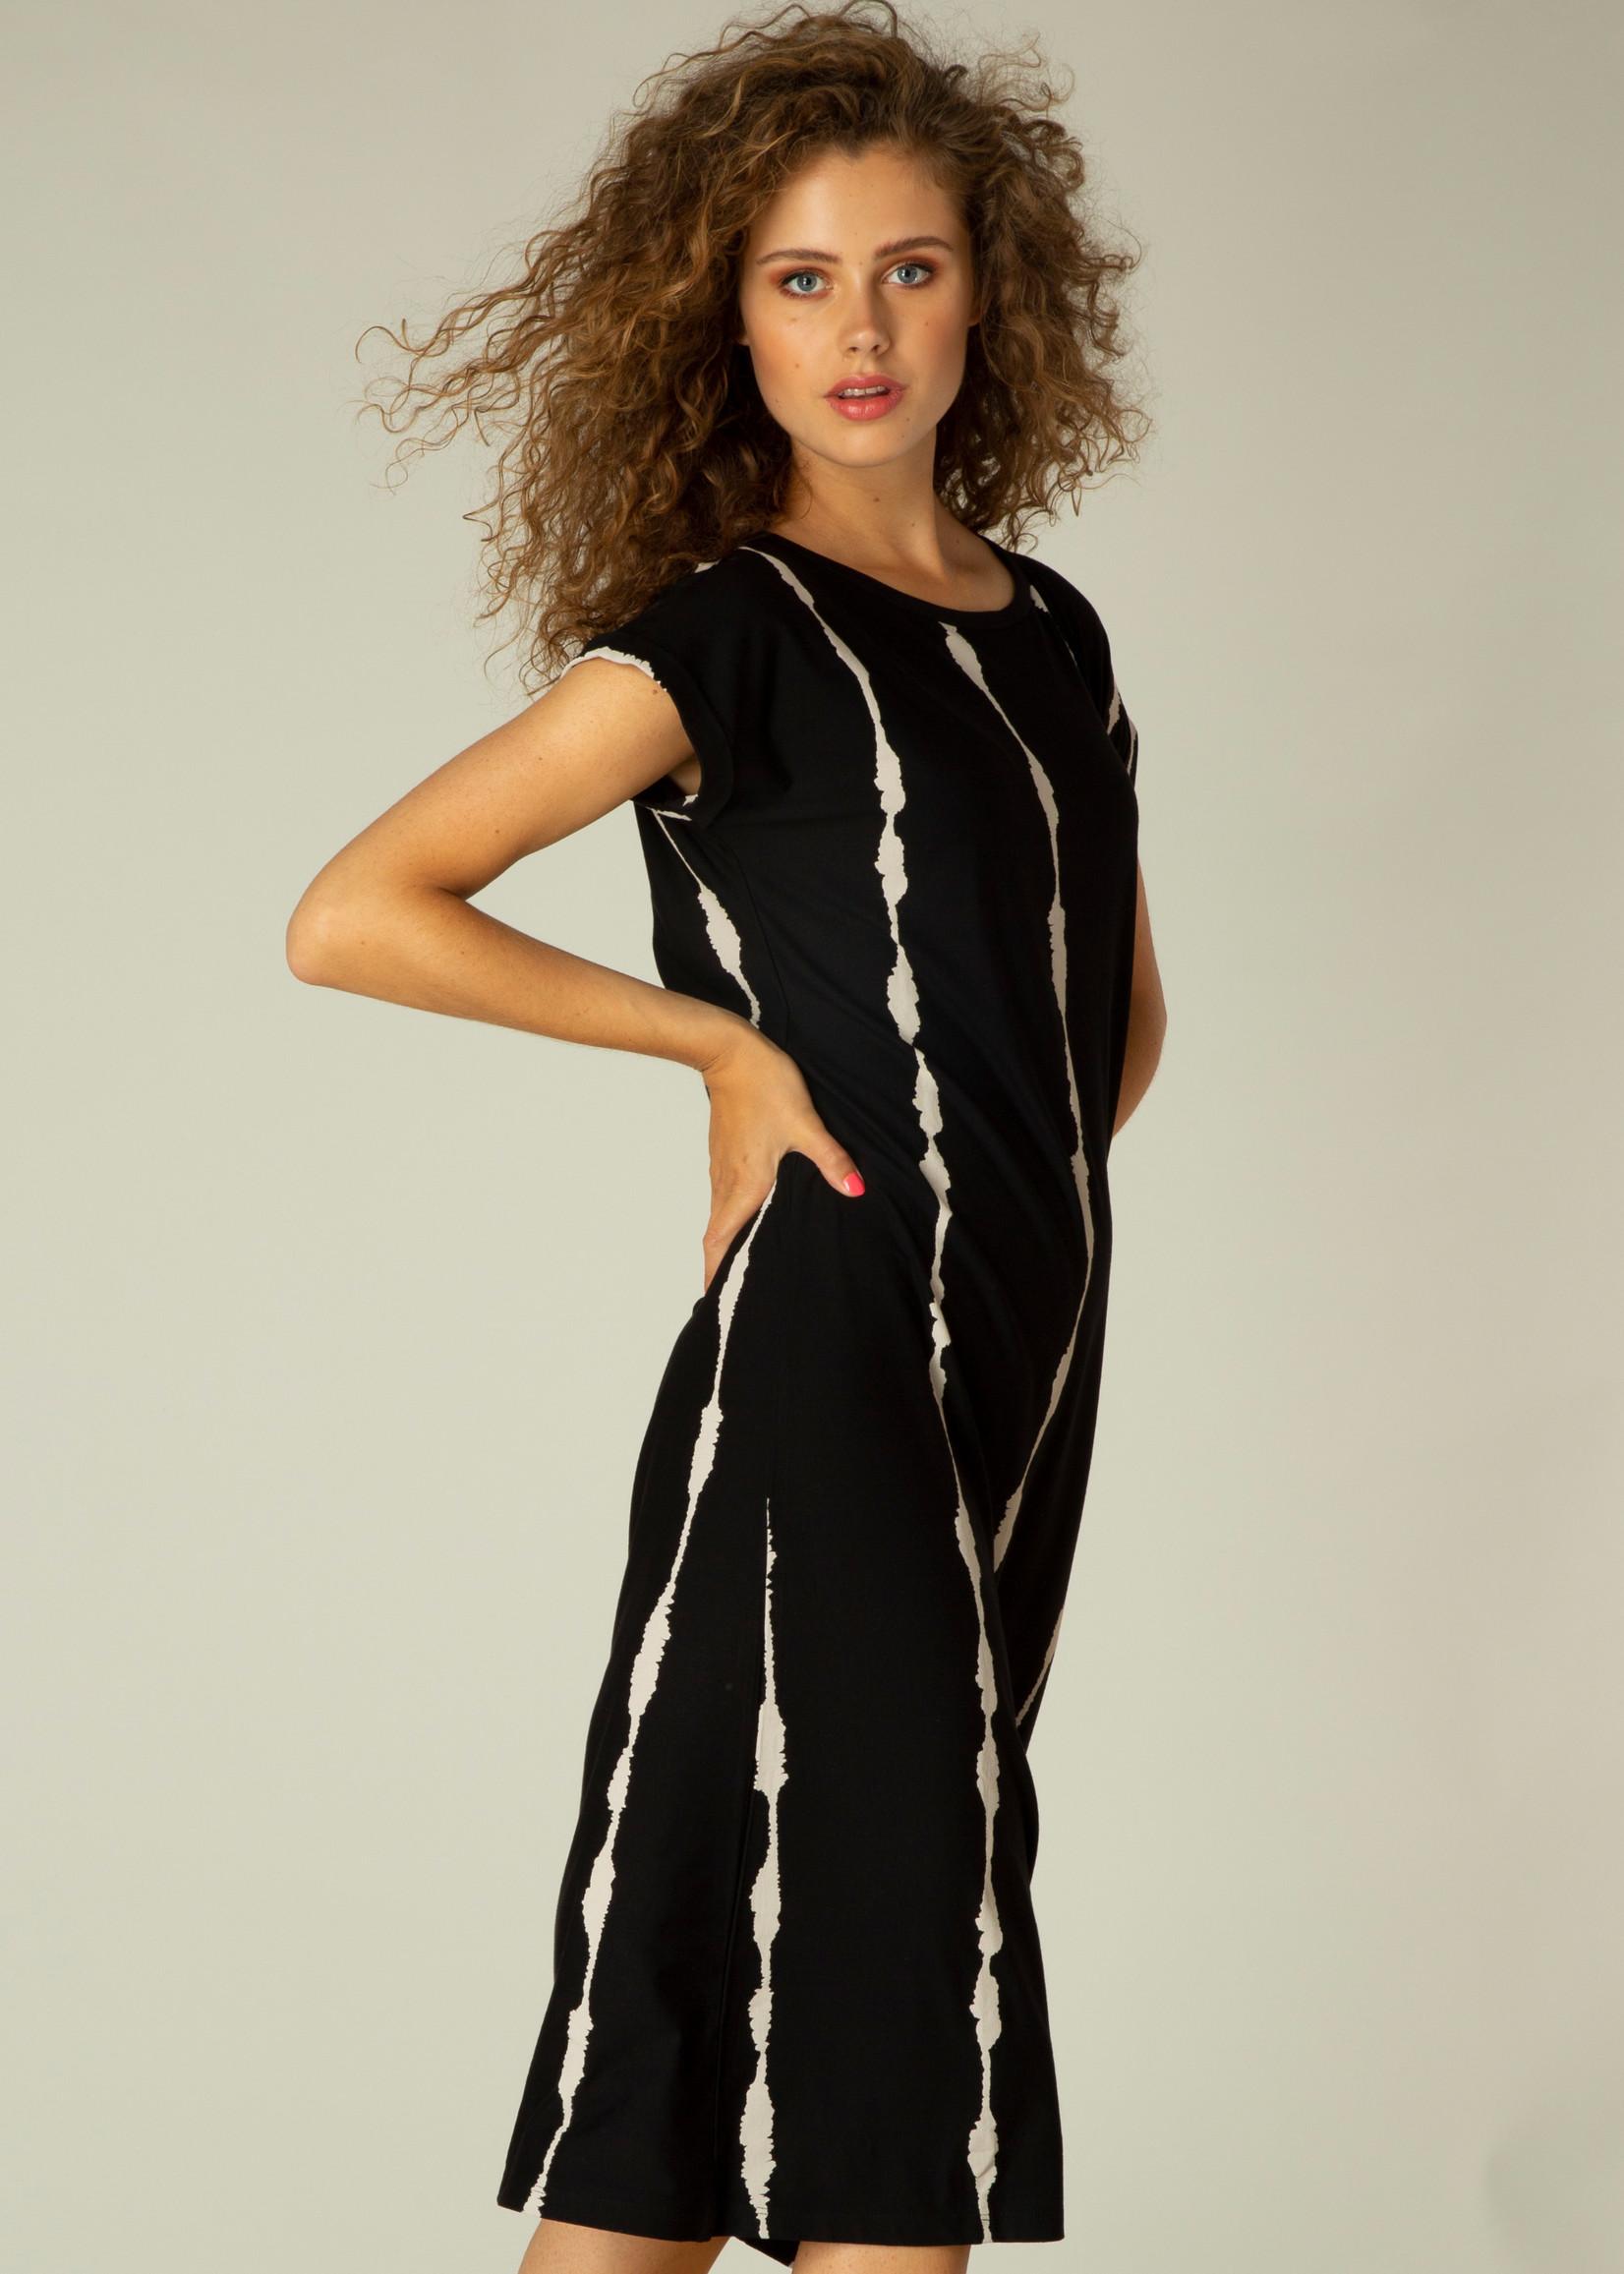 Yest Yest Isobel Dress